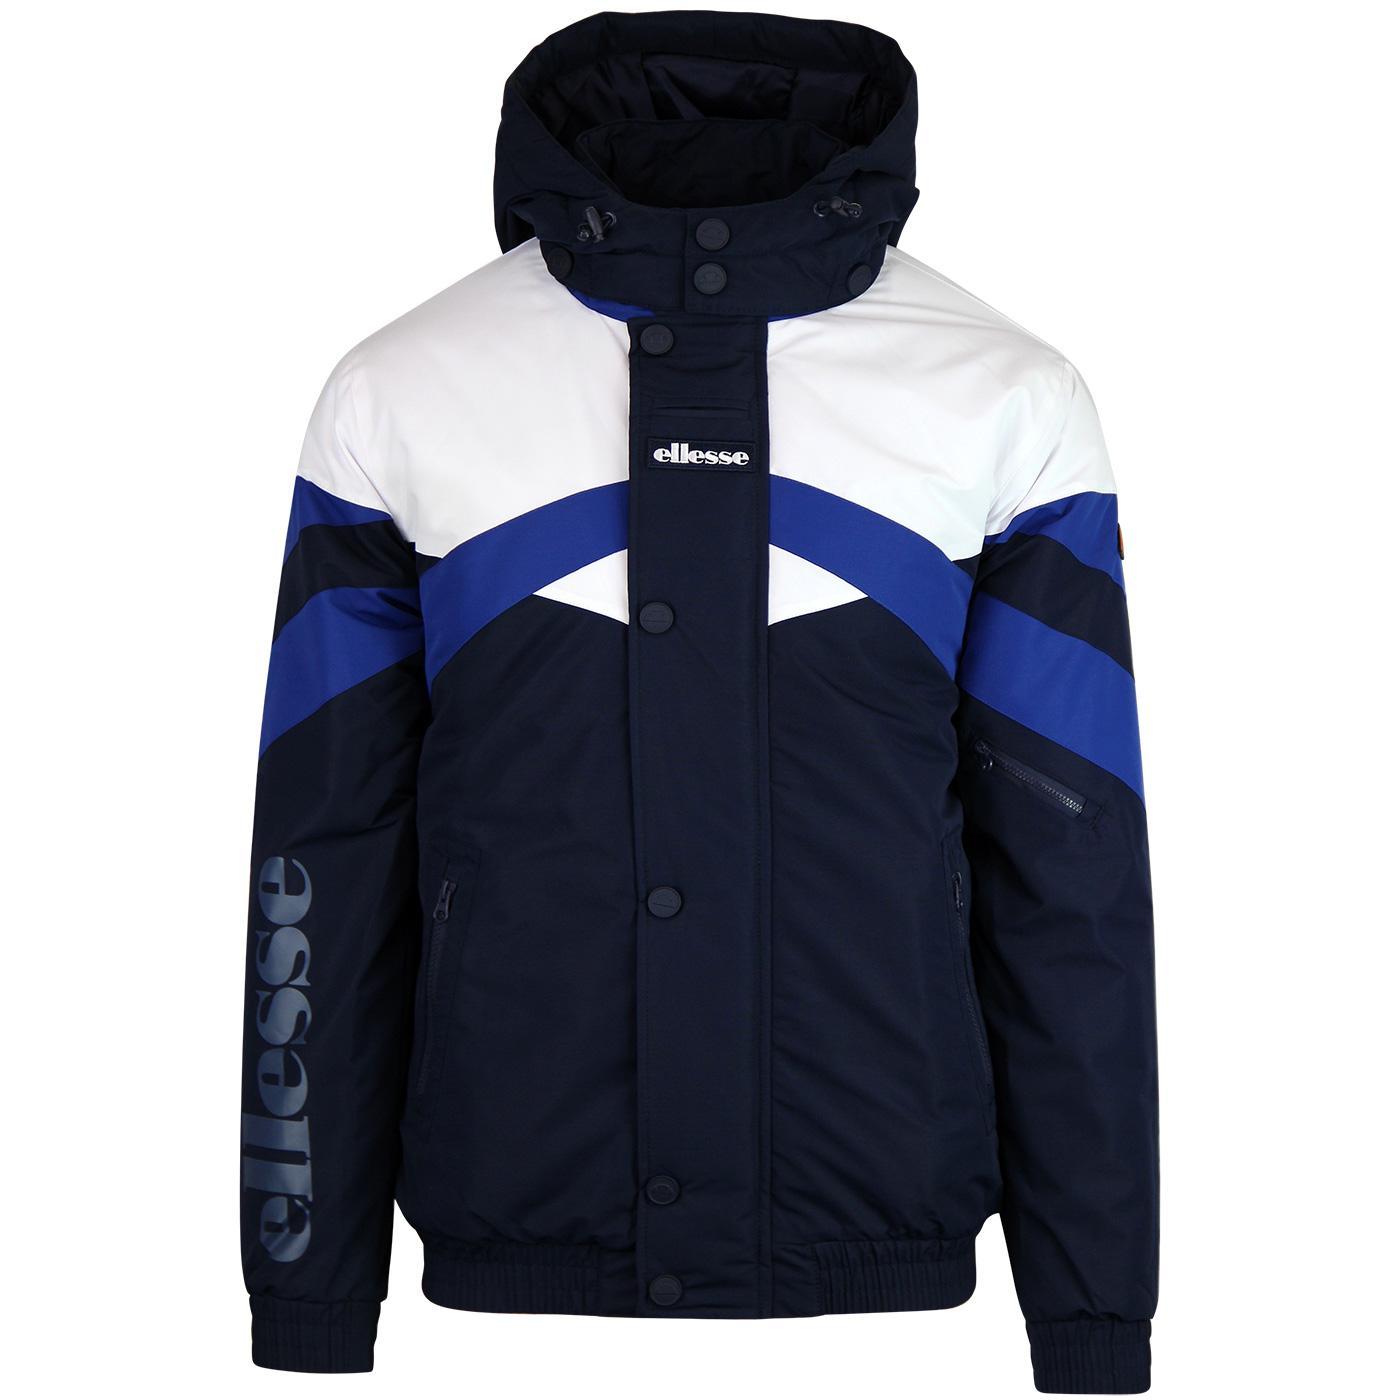 Meo ELLESSE Men's Retro 80's Panel Padded Jacket